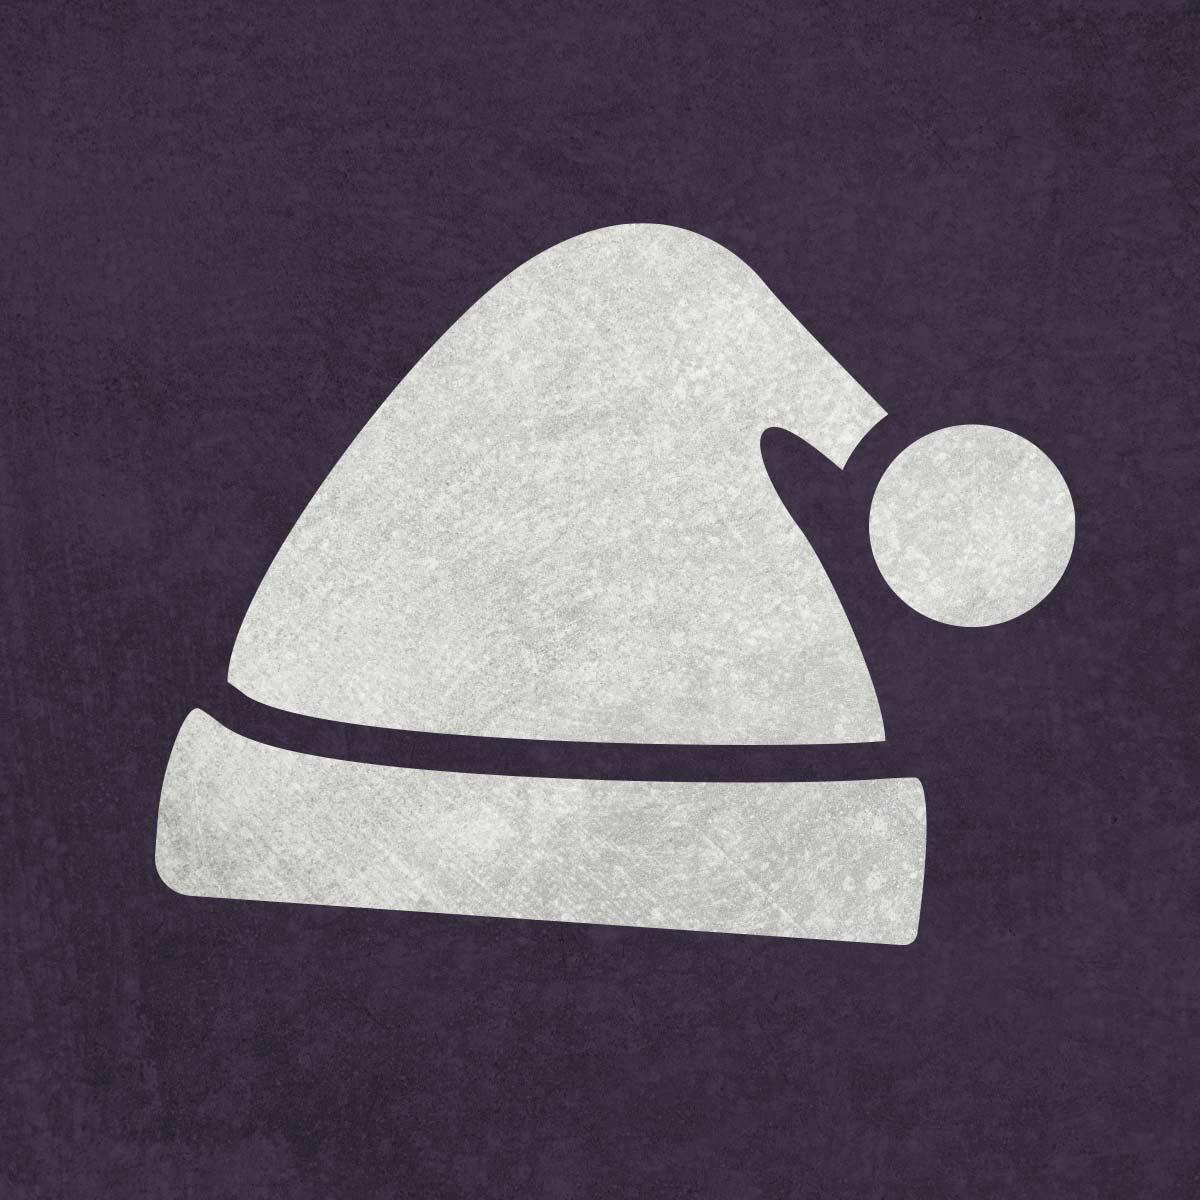 Czapka św. Mikołaja - szablon malarskie wielokrotnego użytku, wizualizacja na ciemnym tle